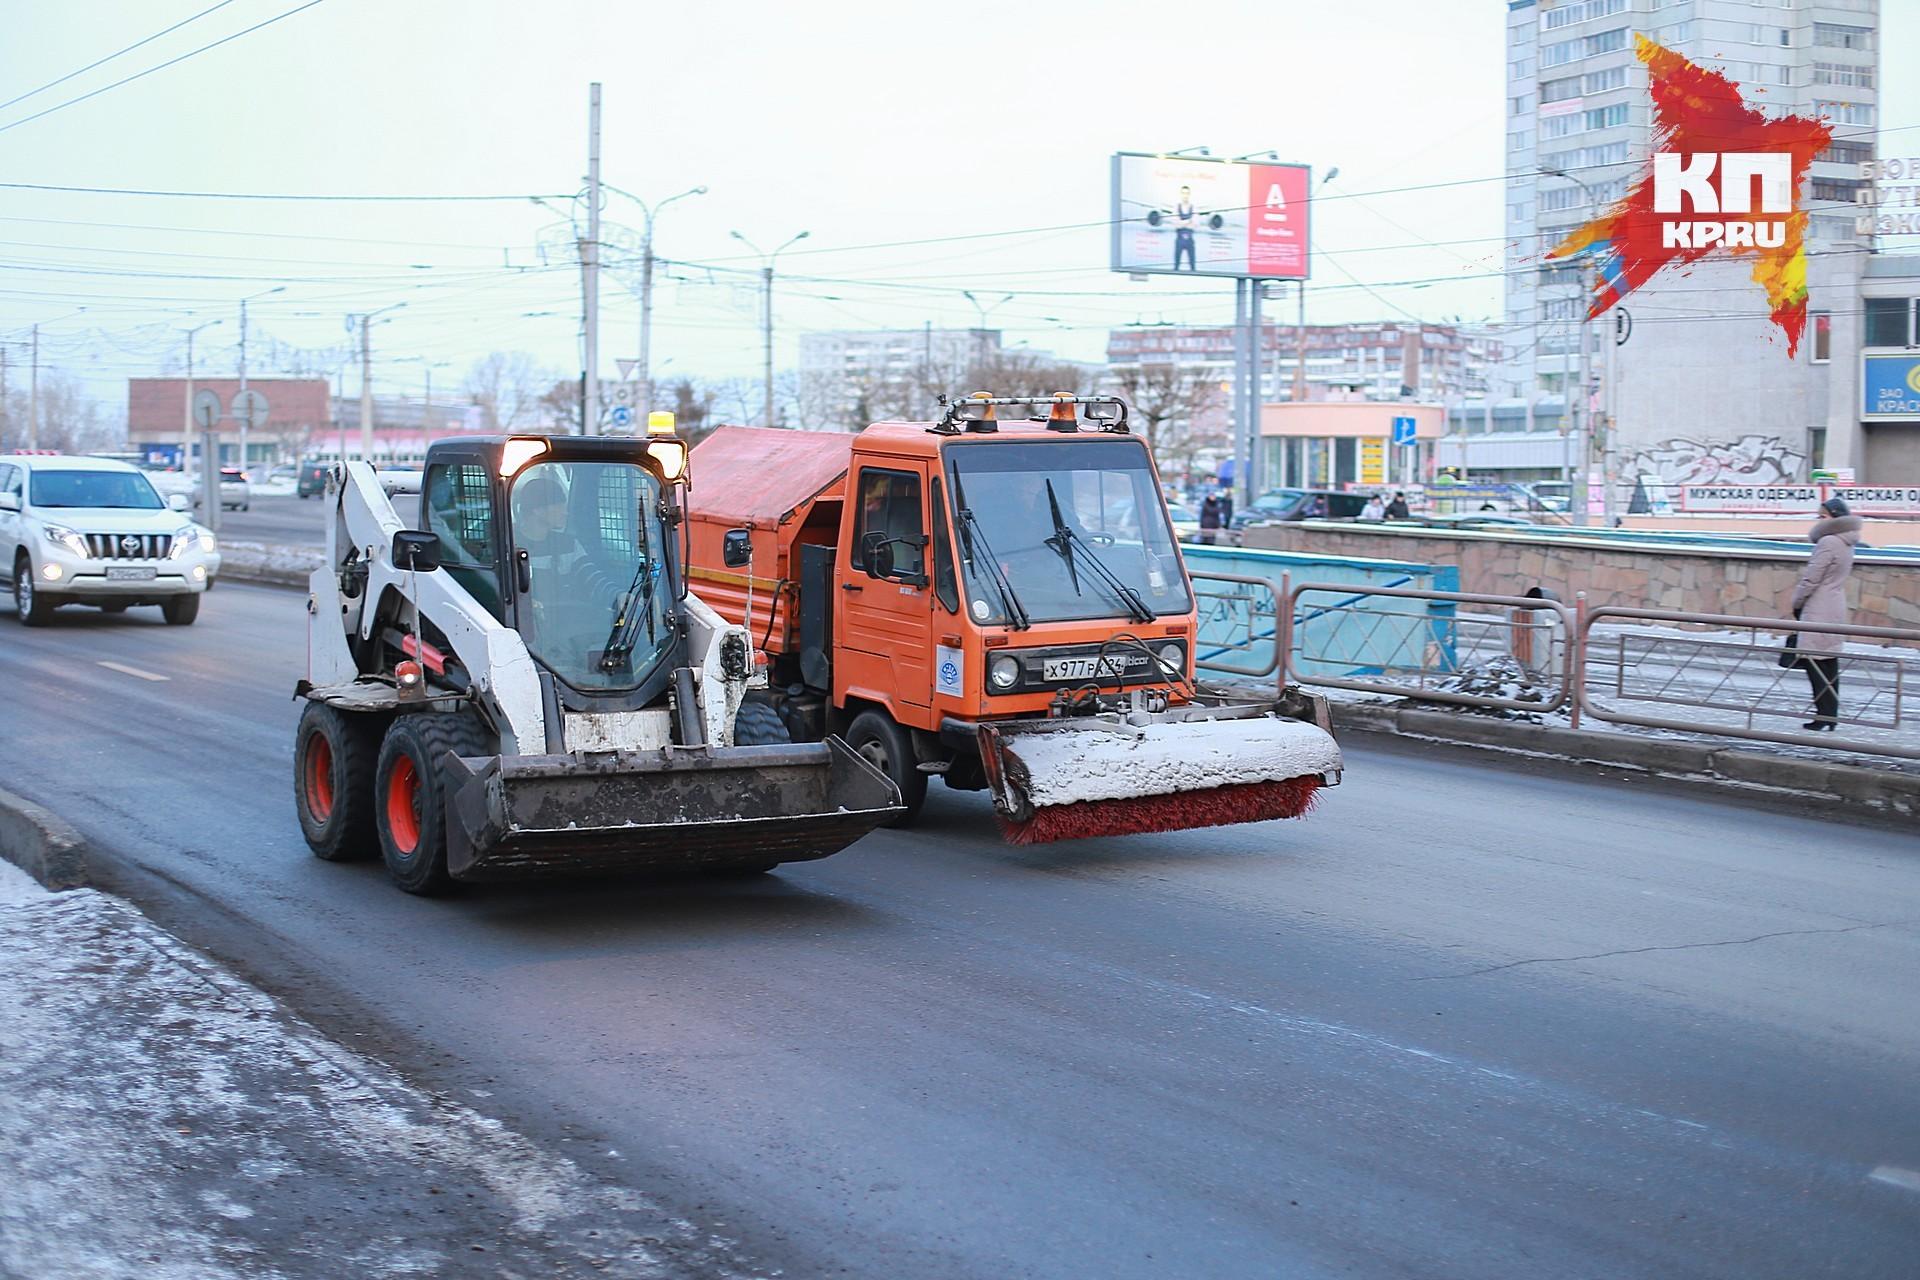 На улицах города работает снегоуборочная техника